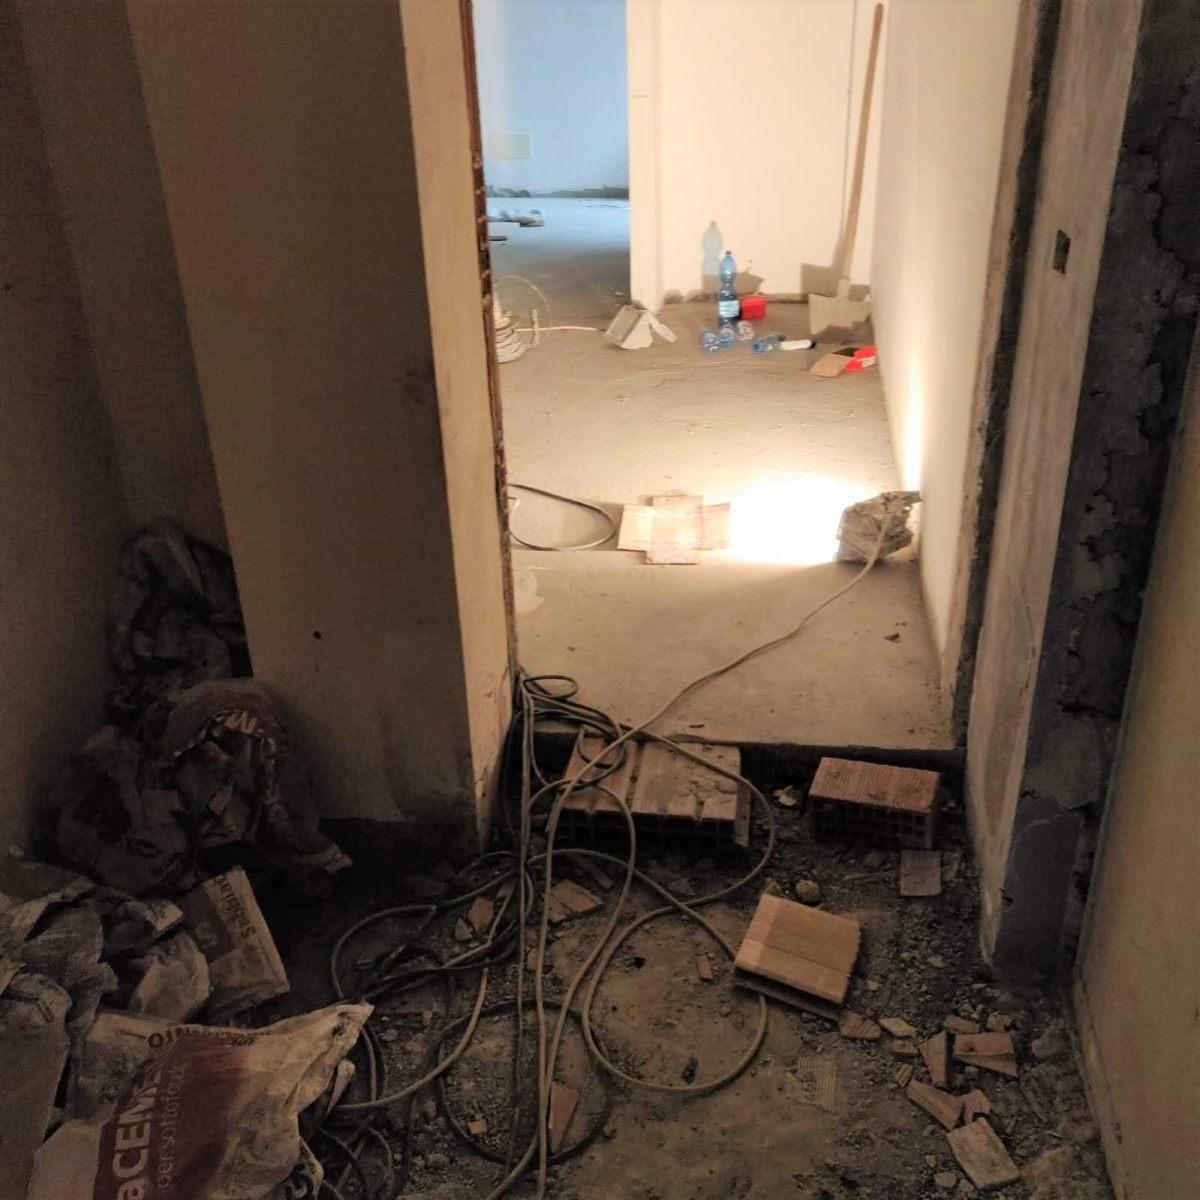 appartamenti-c3-in-vendita-via-chinotto-san-siro-milano-spaziourbano-immobiliare-vende-3-locali-2-locali-appartamenti-3